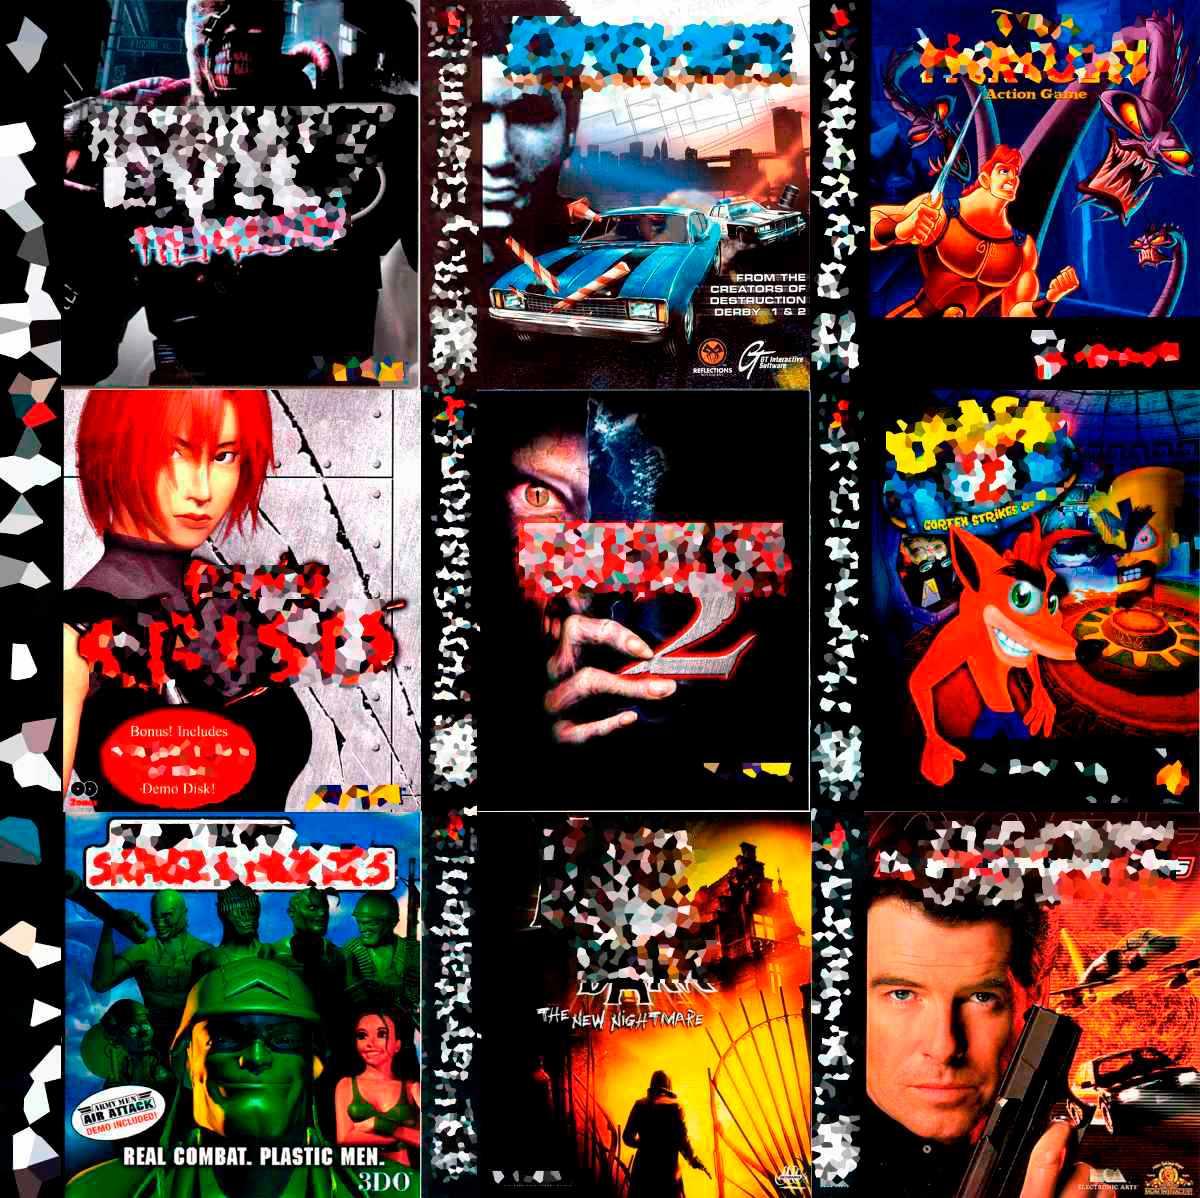 jogos-patchs-ps1-para-ps1-cd-encartes-e-impresso-no-disco-D_NQ_NP_769964-MLB25758244328_072017-F.jpg